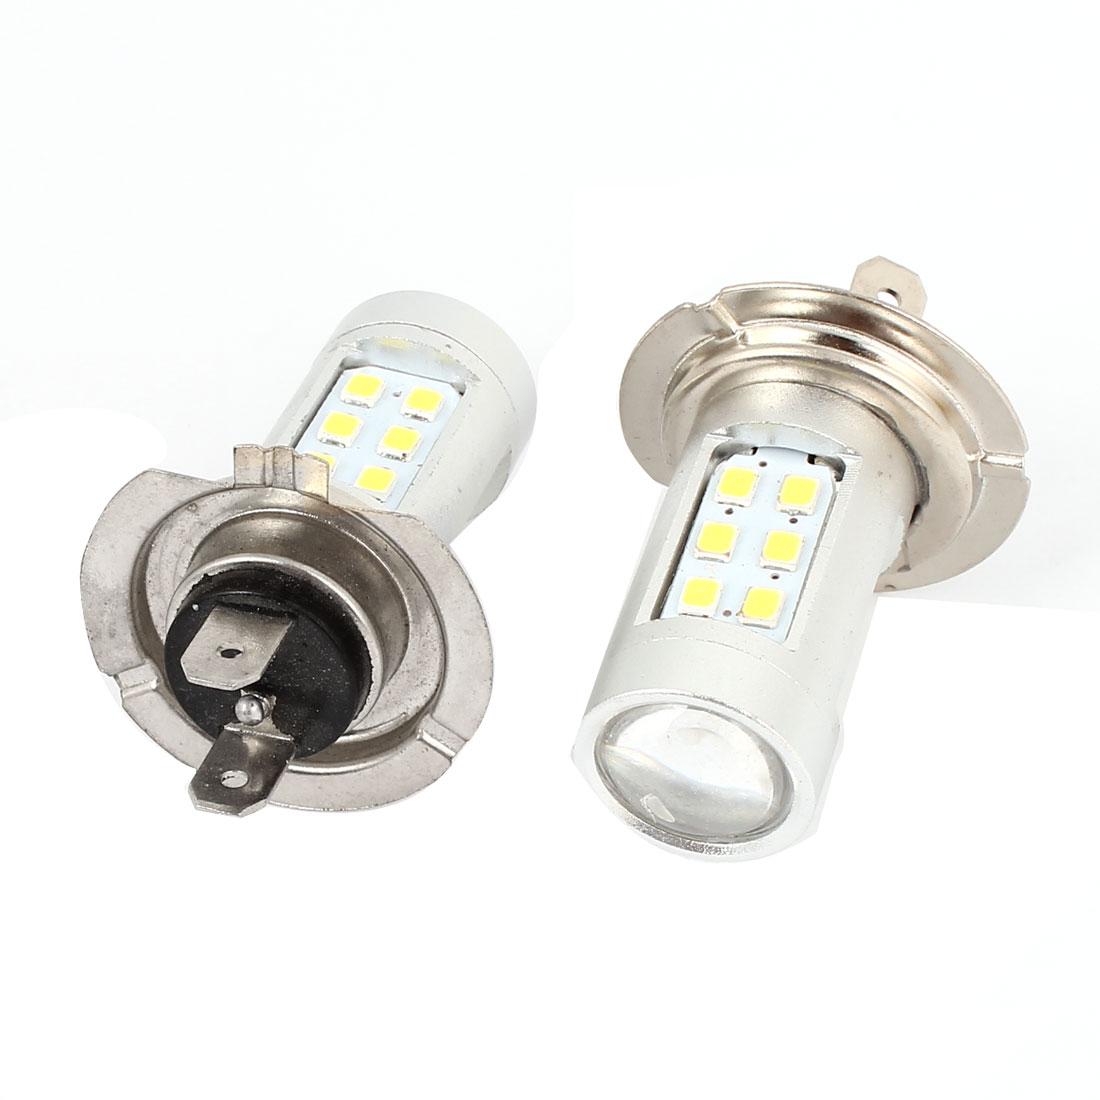 2 Pcs H7 White 1210 21 SMD LED DRL Foglight Lamp Light DC 12V for Car